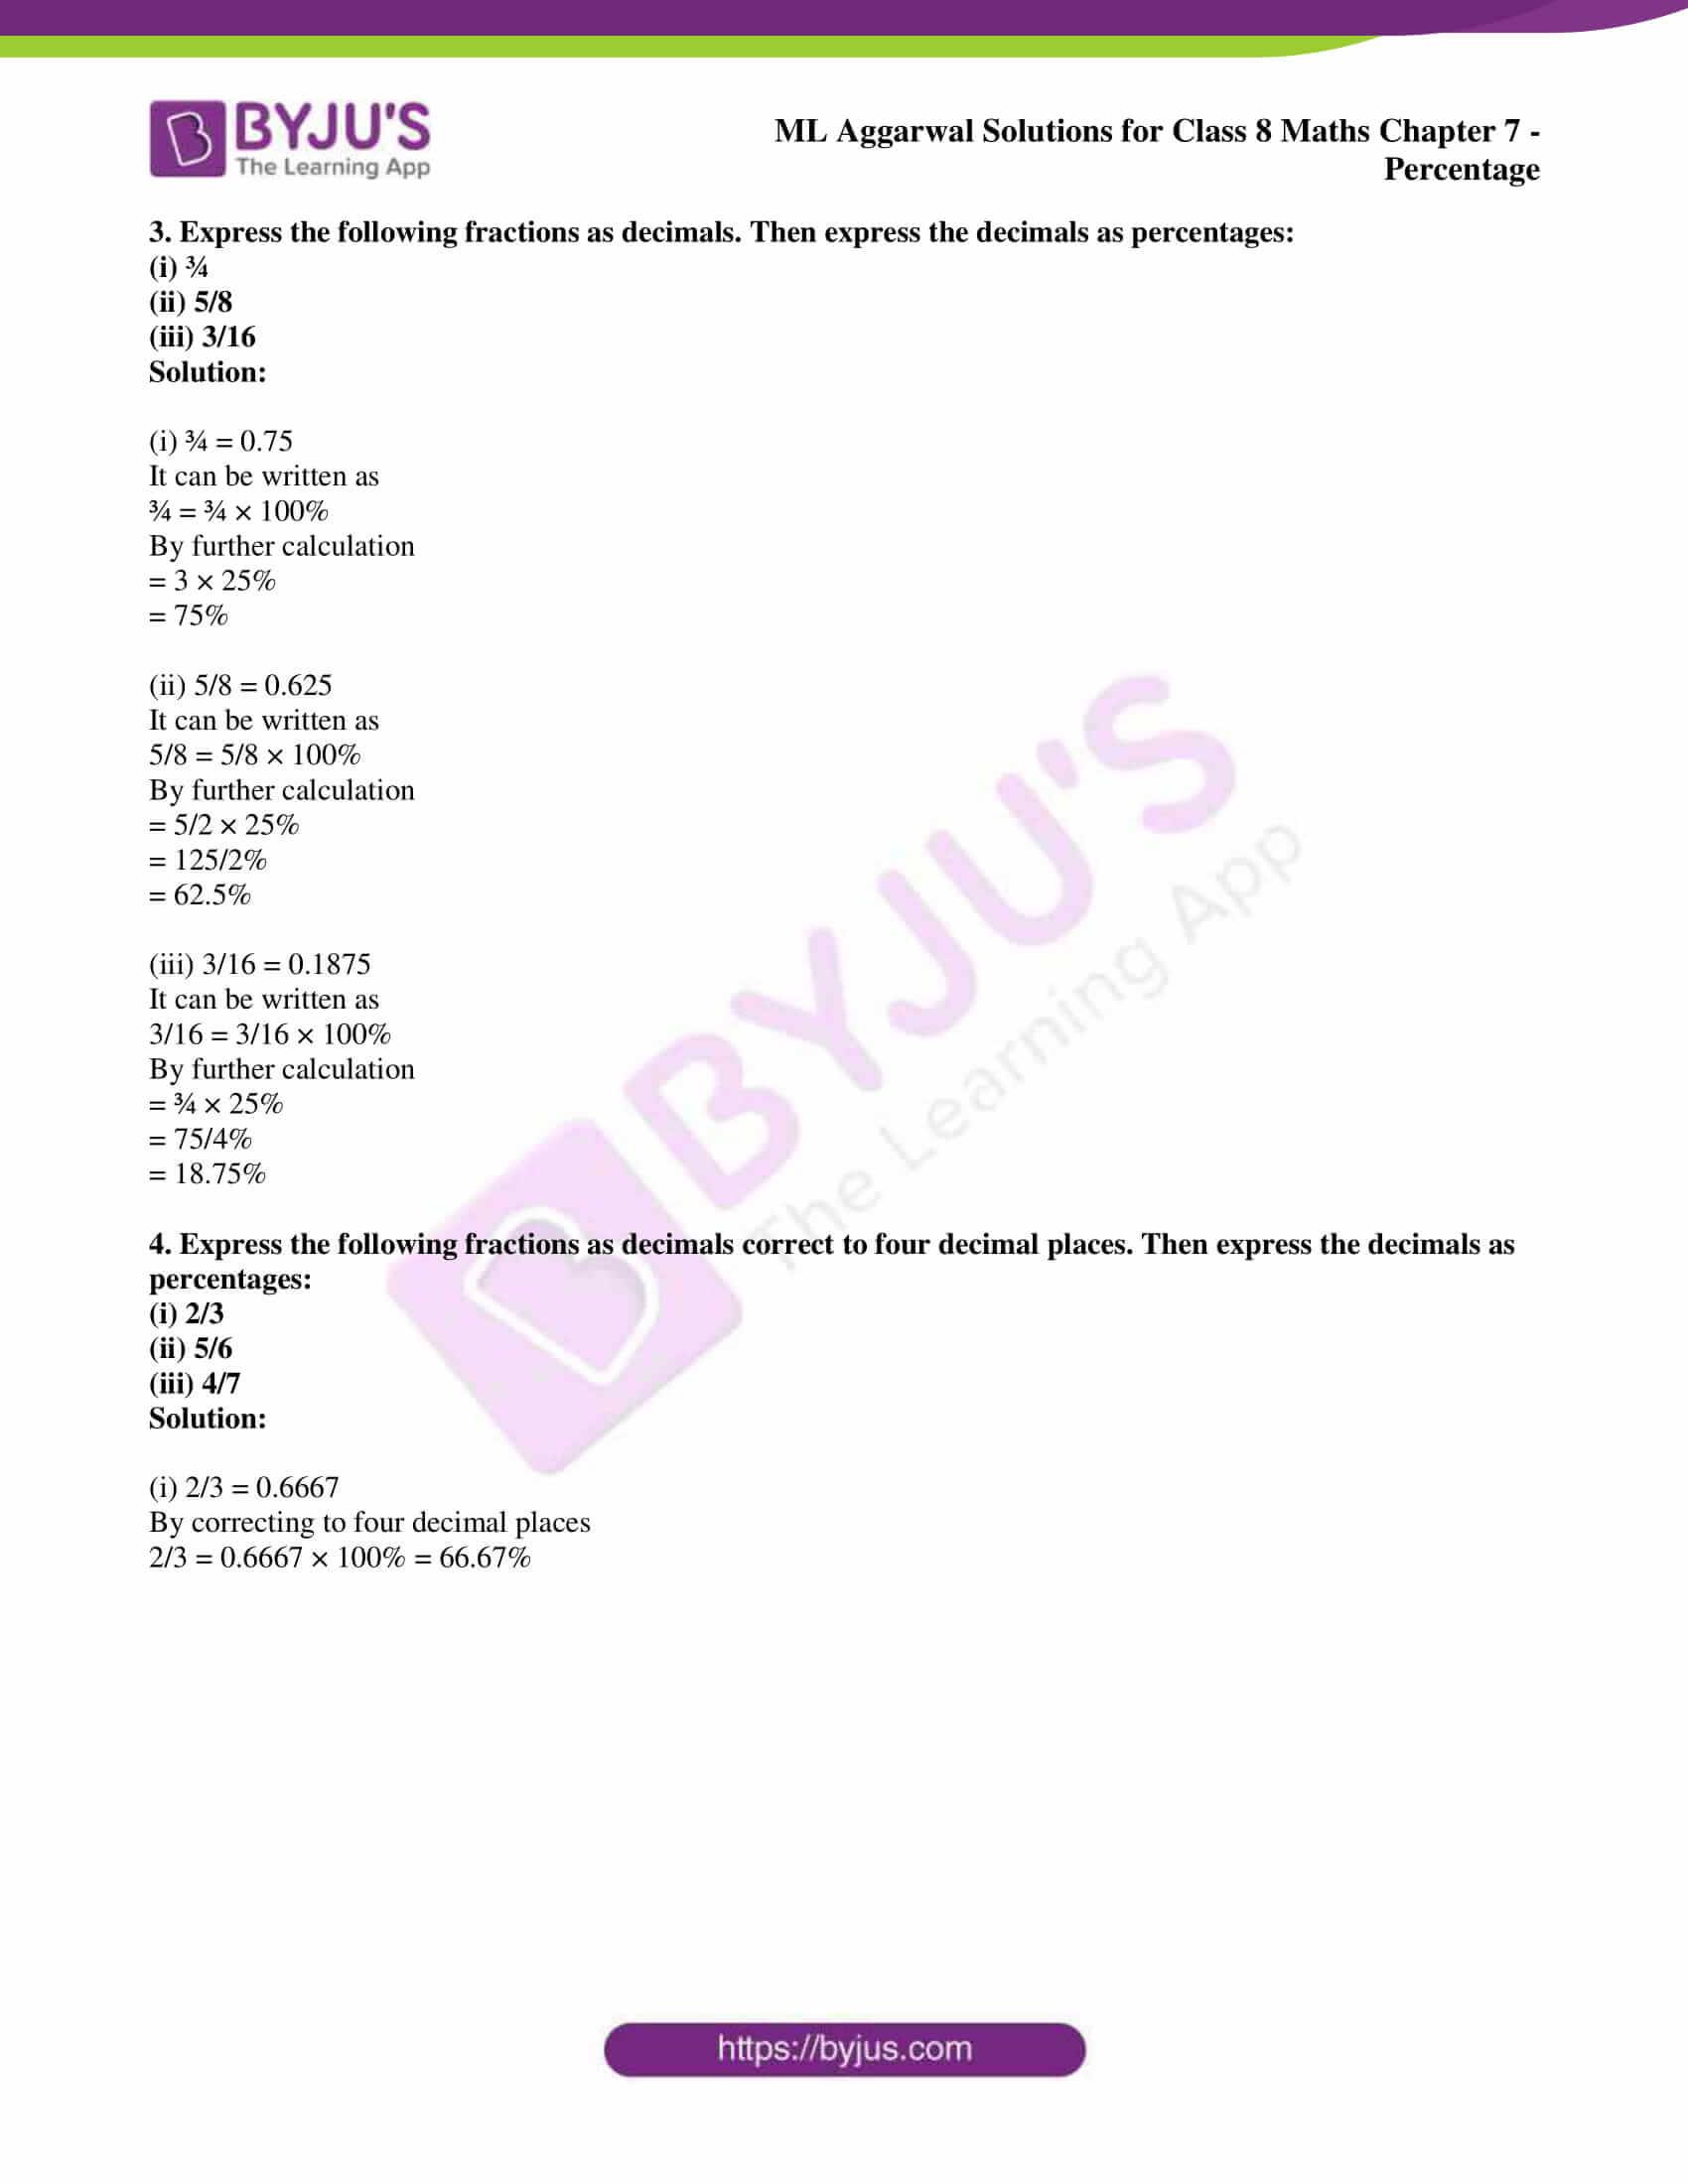 ml aggarwal sol mathematics class 8 ch 7 02